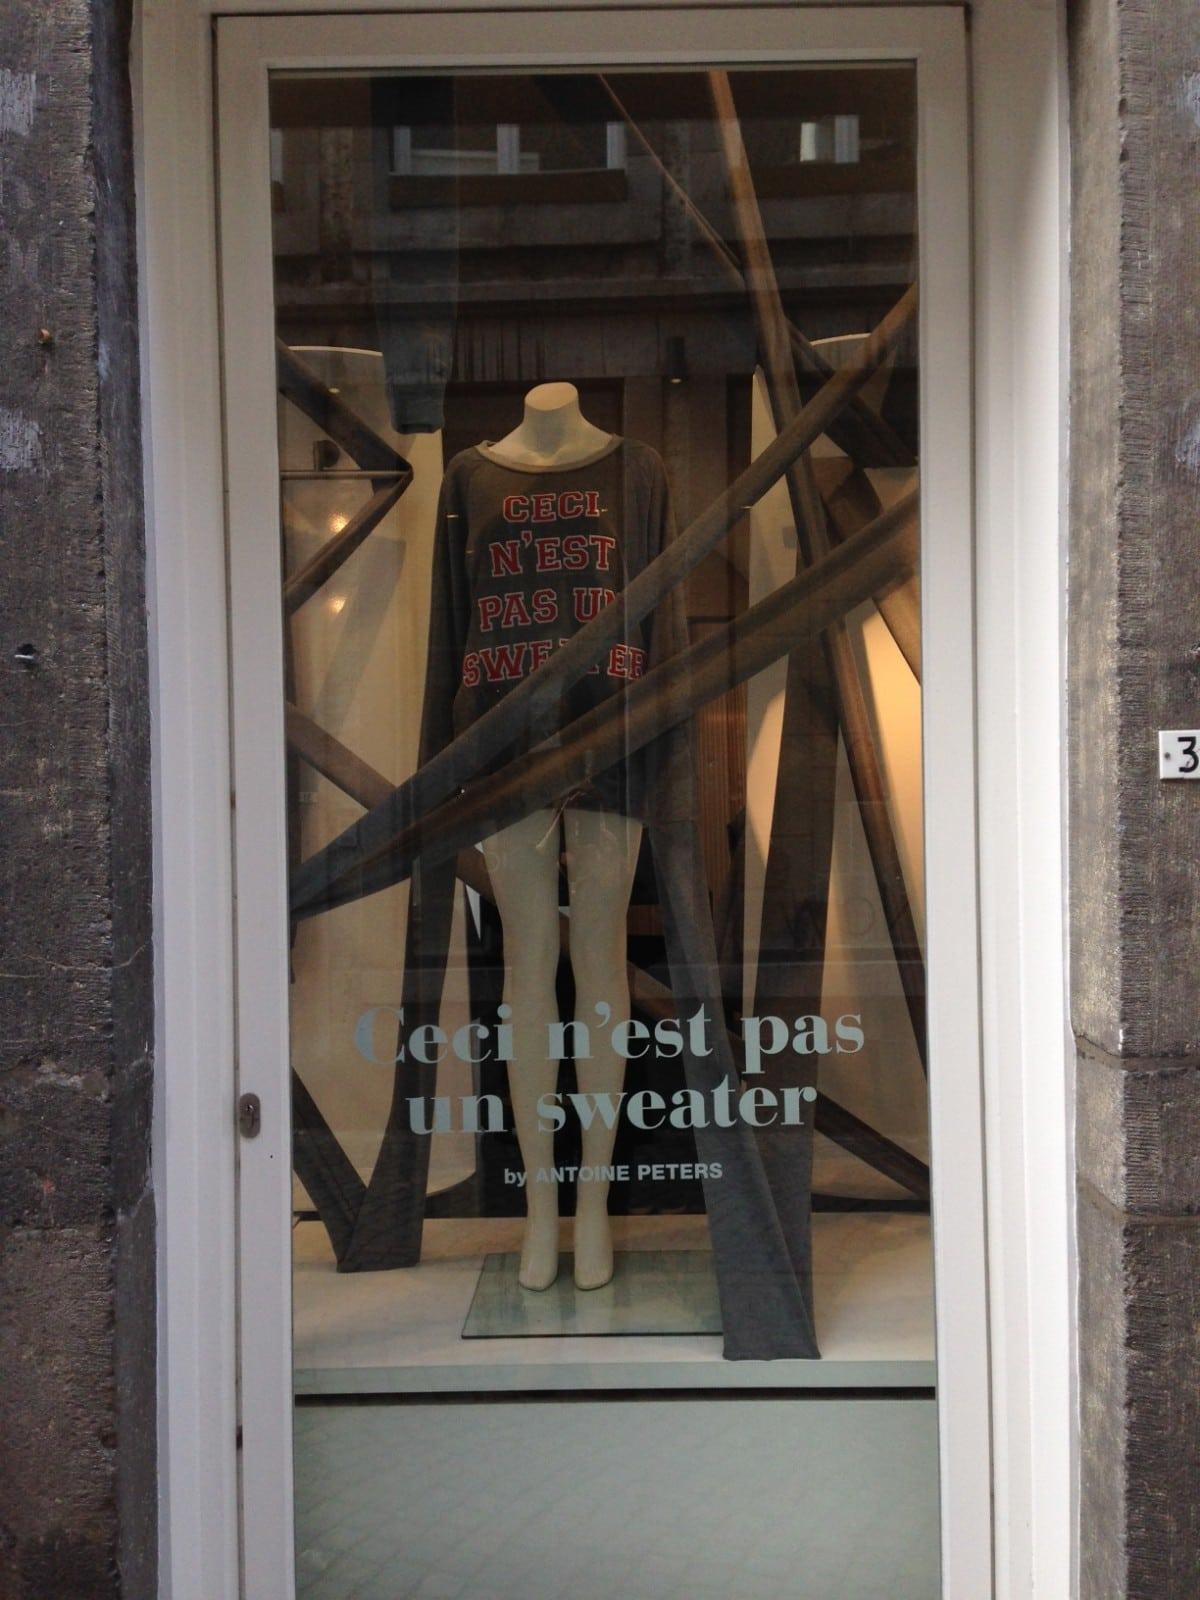 Antoine-Peters-sweaters